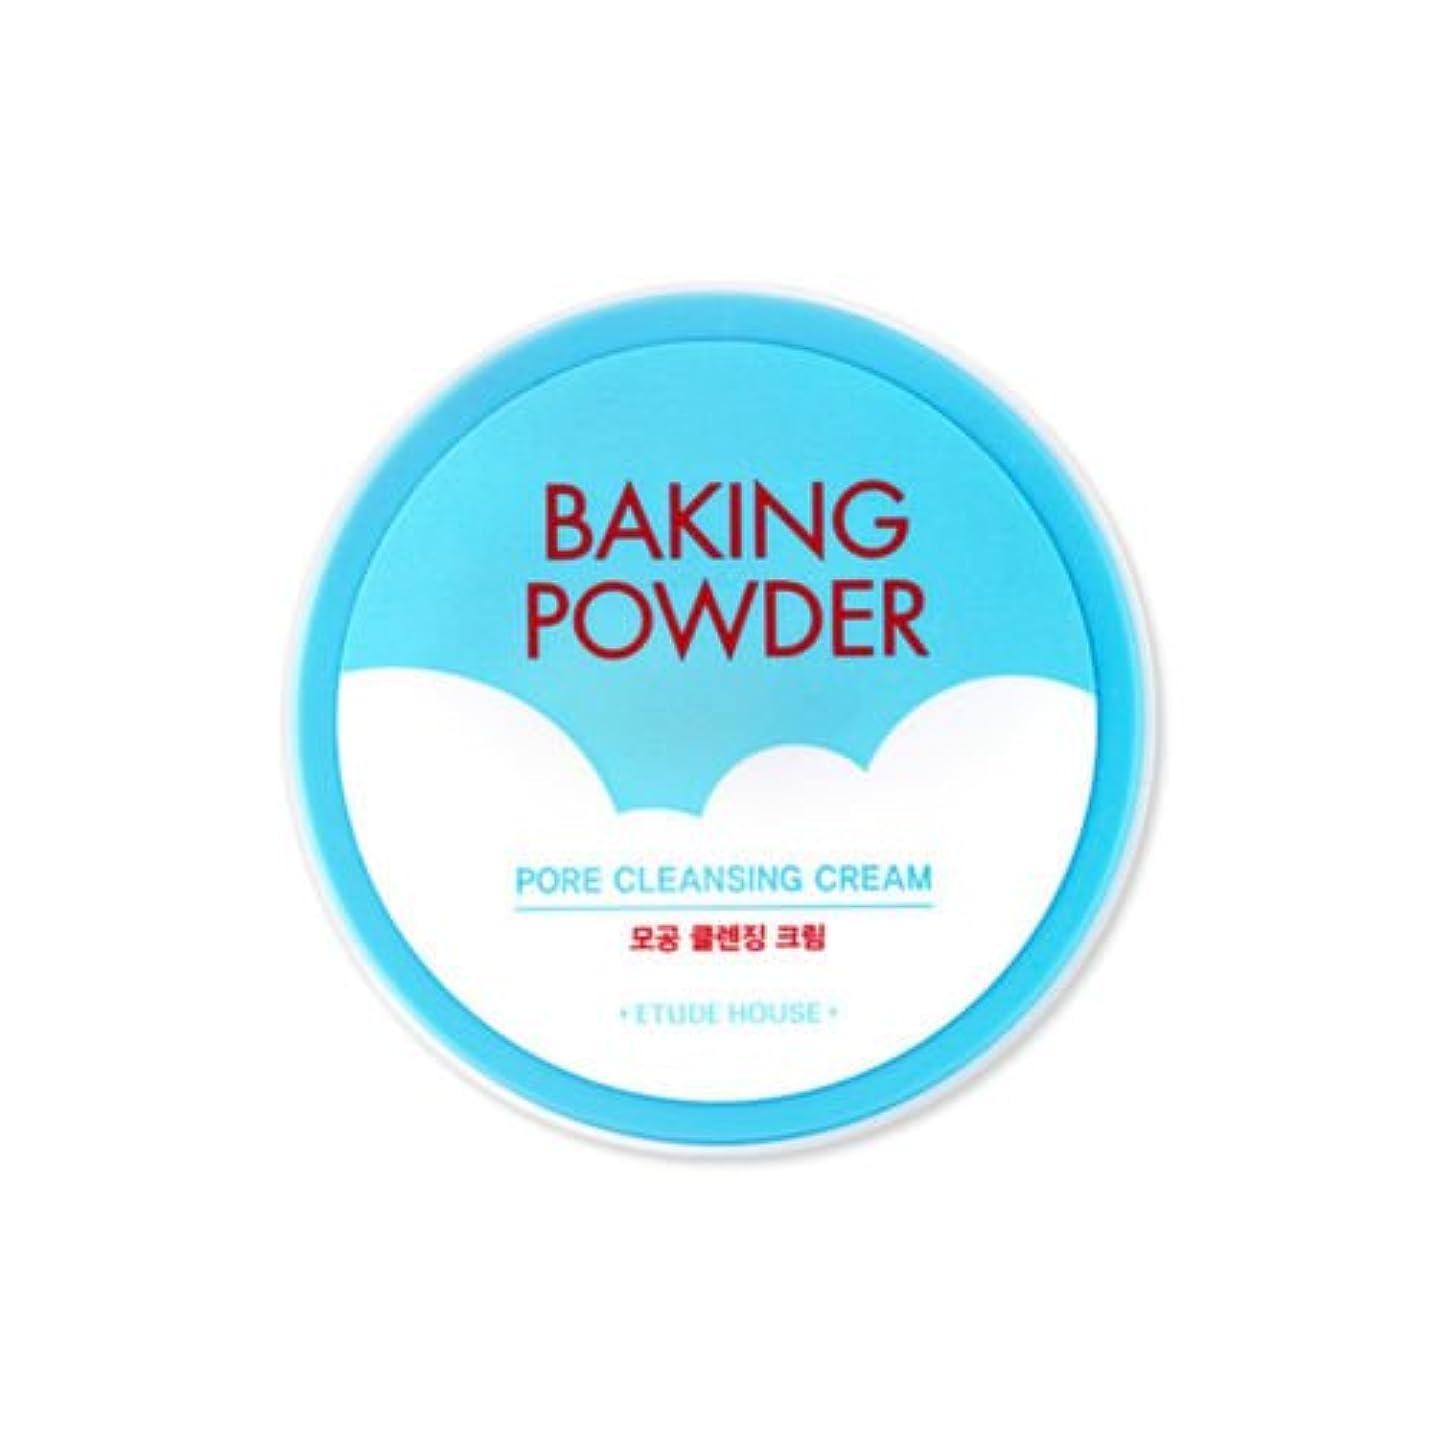 揺れるの中間[2016 Upgrade!] ETUDE HOUSE Baking Powder Pore Cleansing Cream 180ml/エチュードハウス ベーキング パウダー ポア クレンジング クリーム 180ml